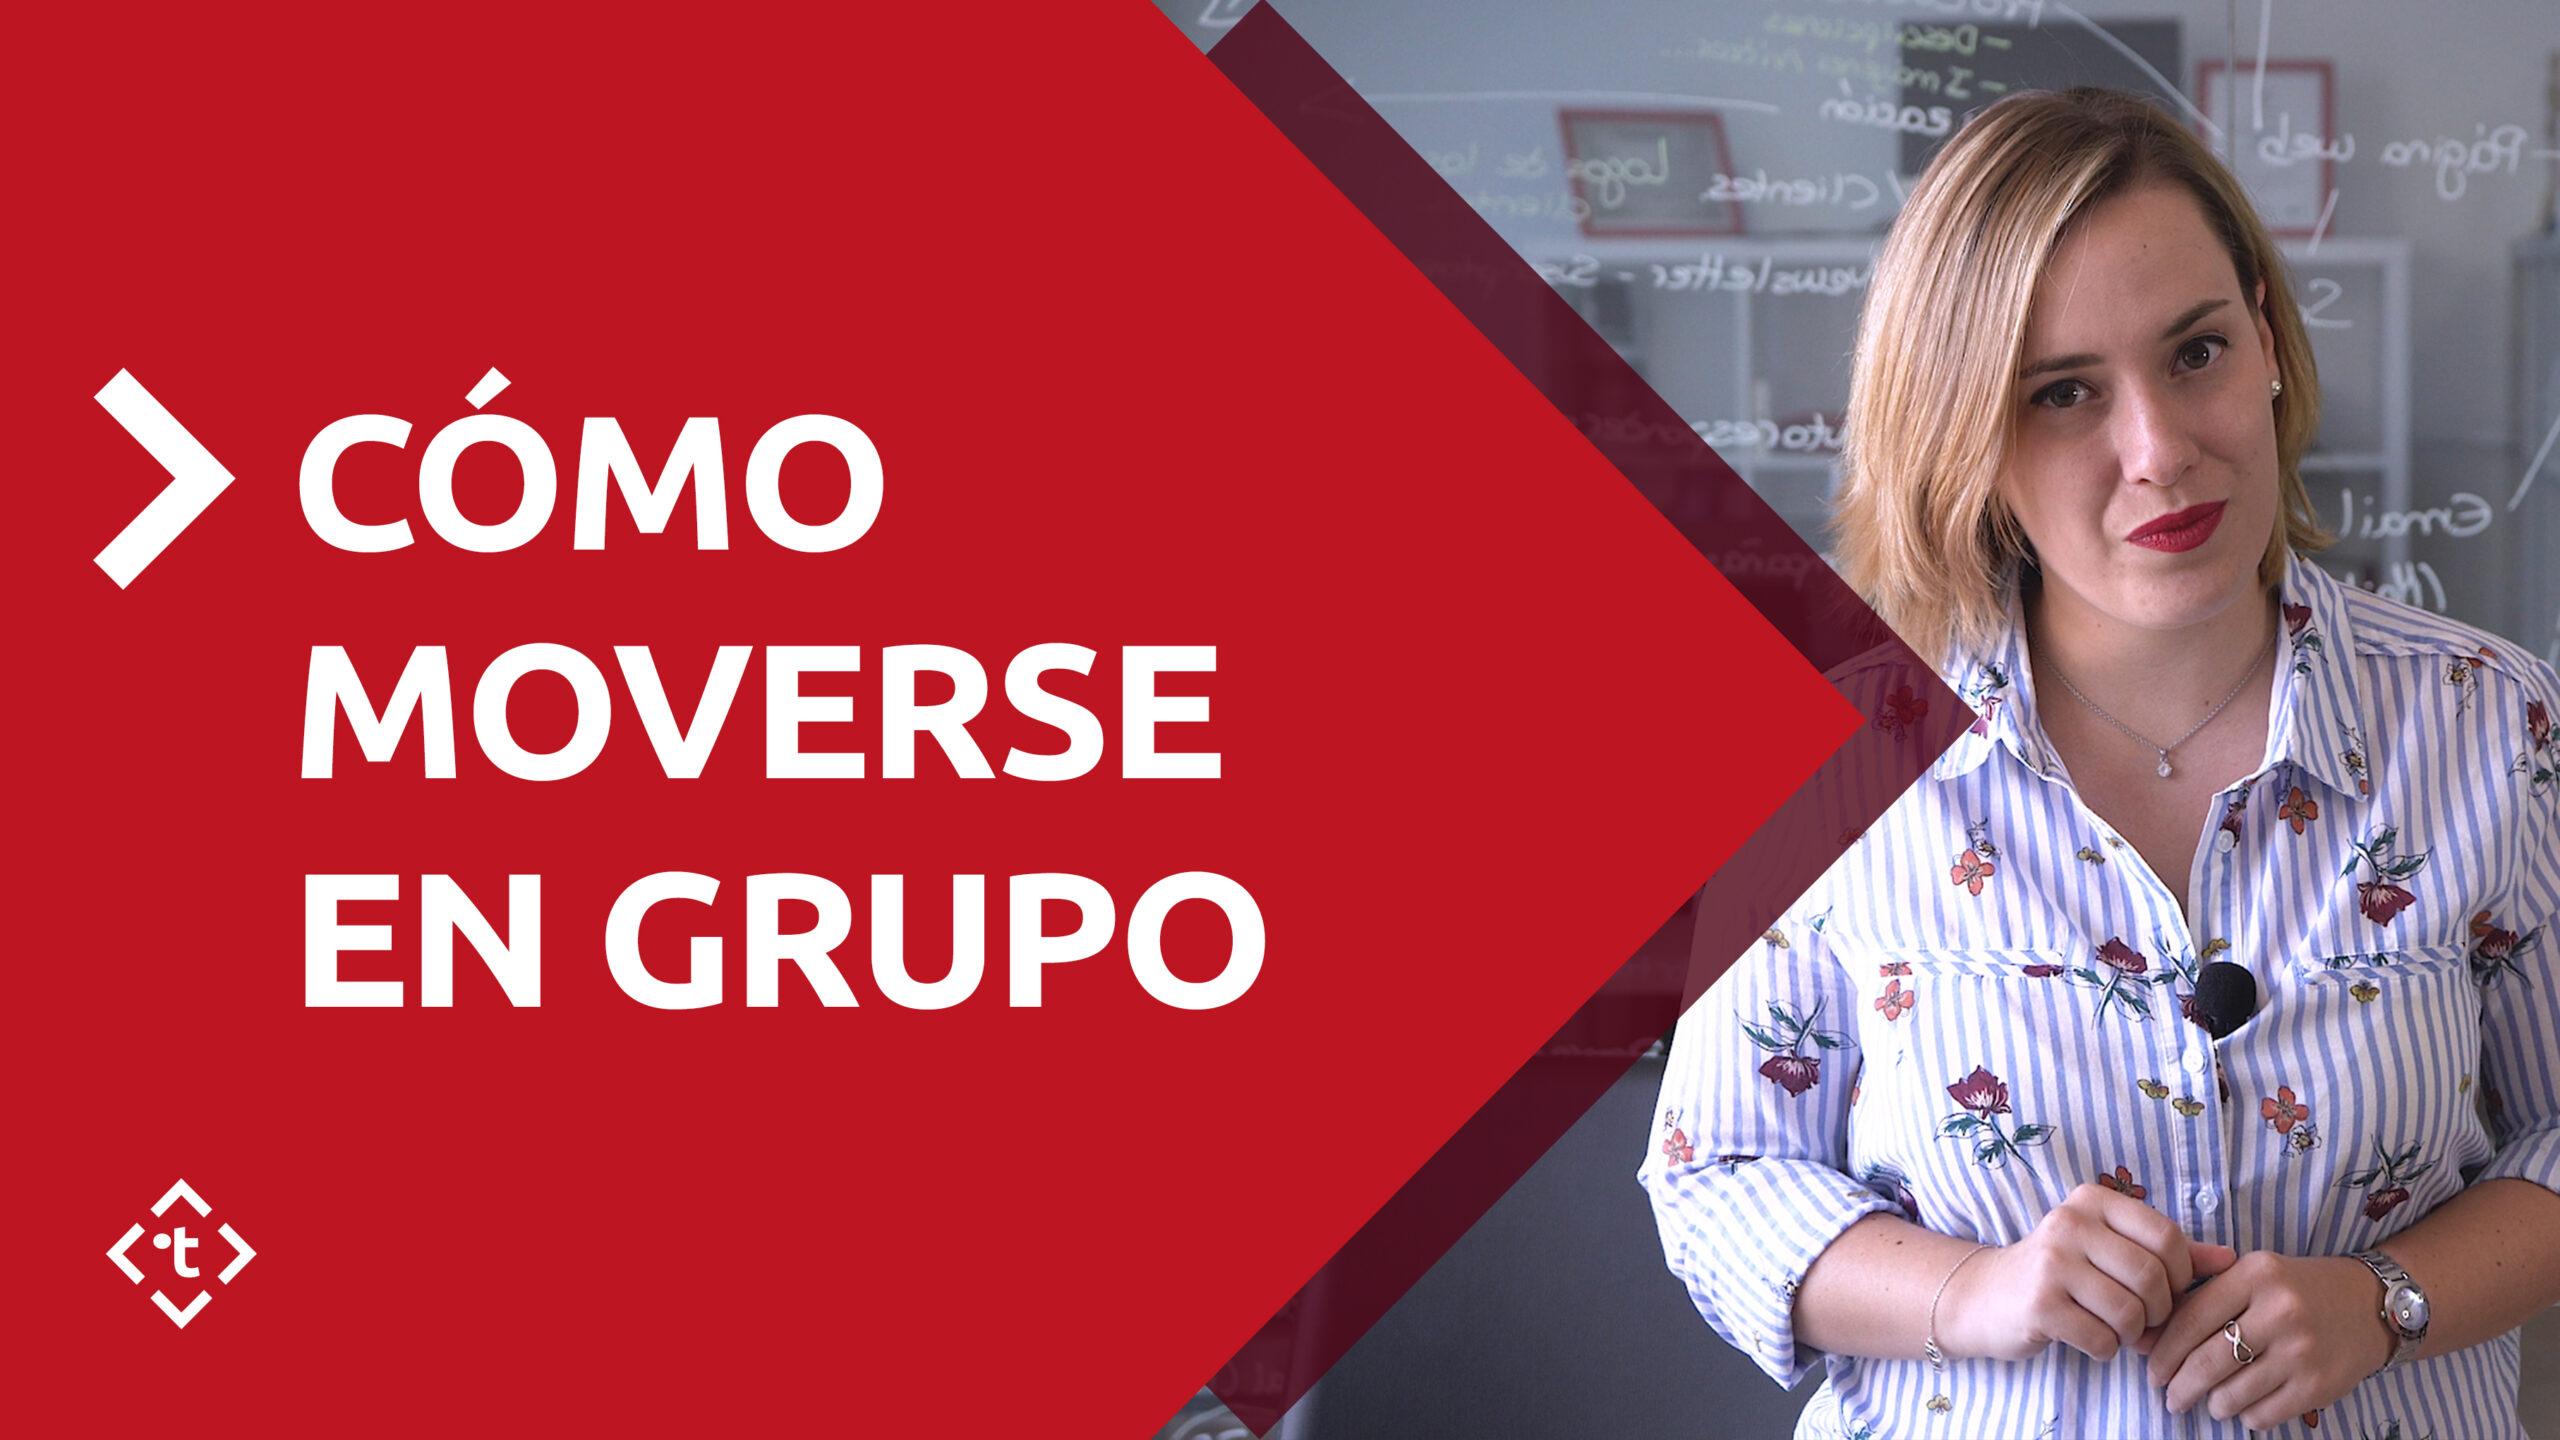 CÓMO MOVERSE EN GRUPO